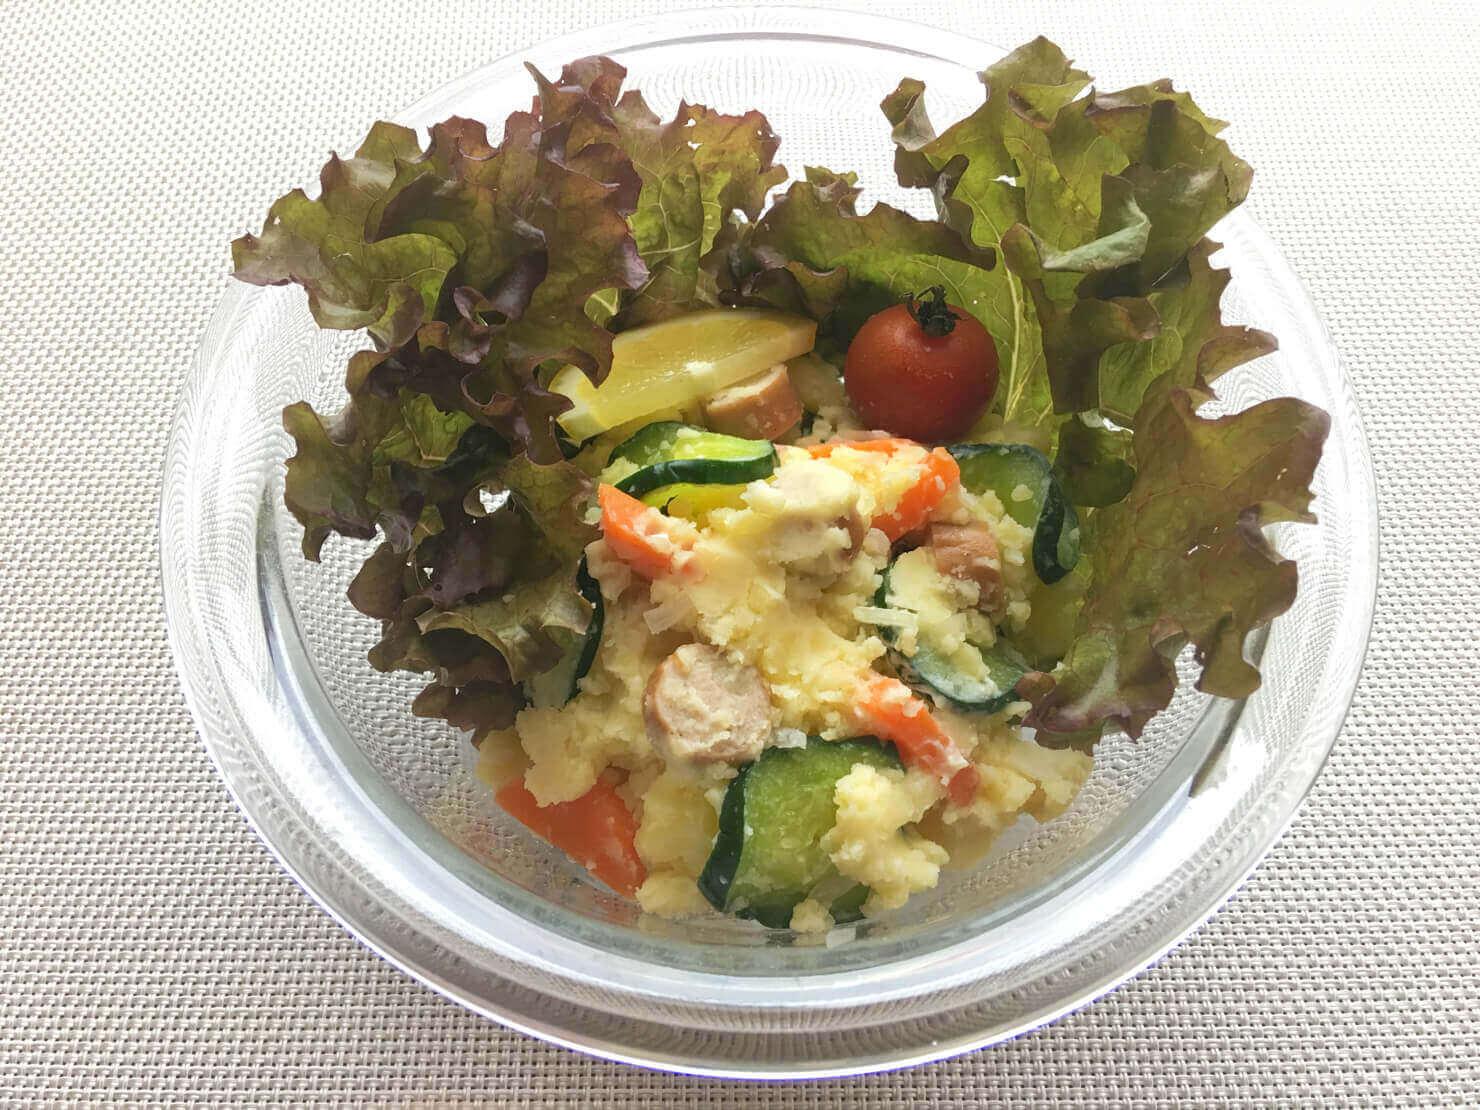 きゅうりの漬物入りポテトサラダの写真